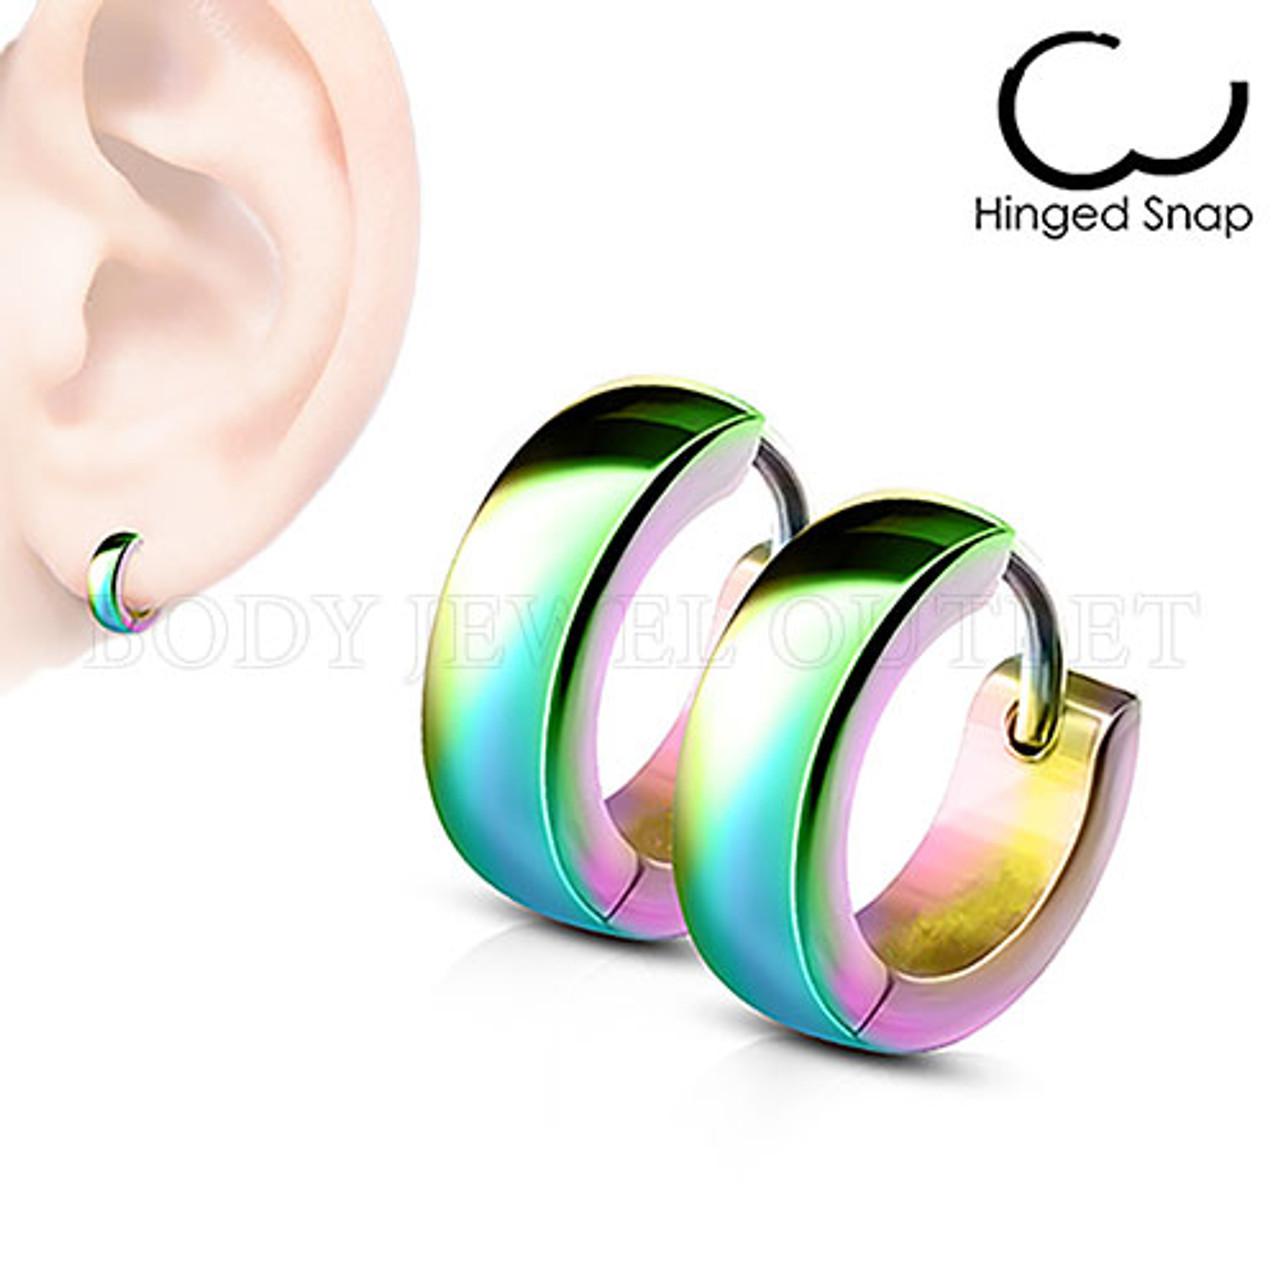 Plain Rainbow IP 4mm Wide - 316L Stainless Steel Hoop/Huggie Earrings - Pair (2 Pieces)